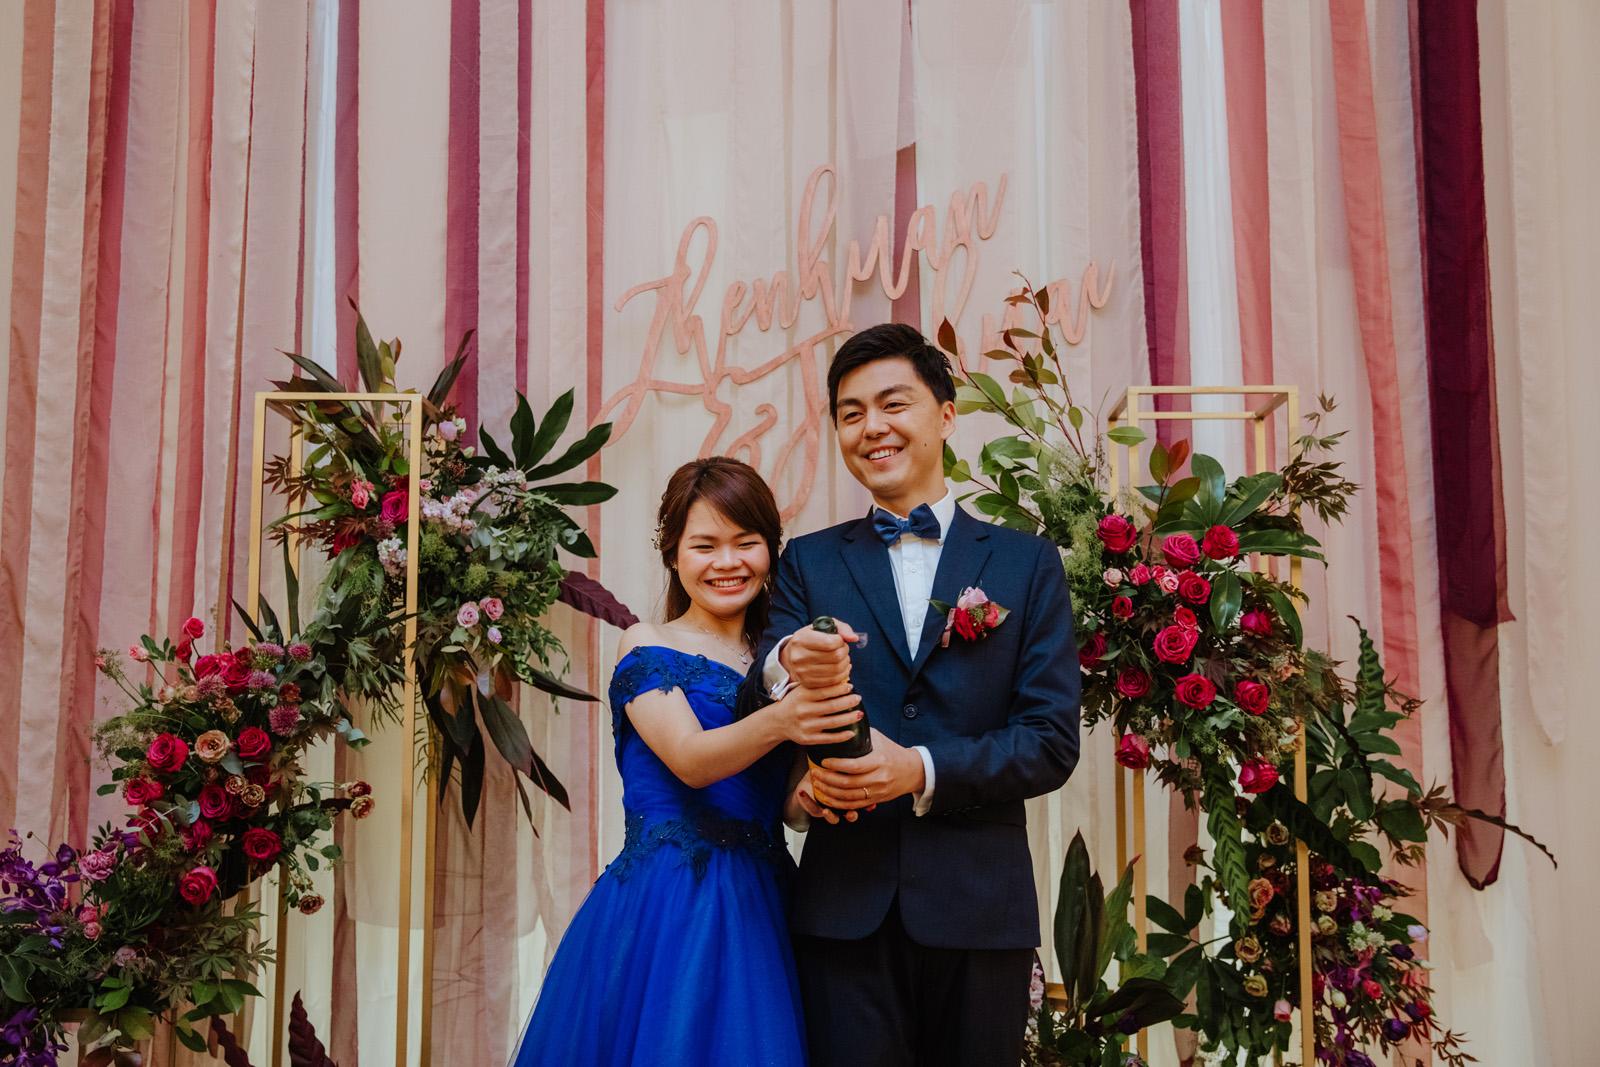 Zhen Huan & Jing Huai-0029